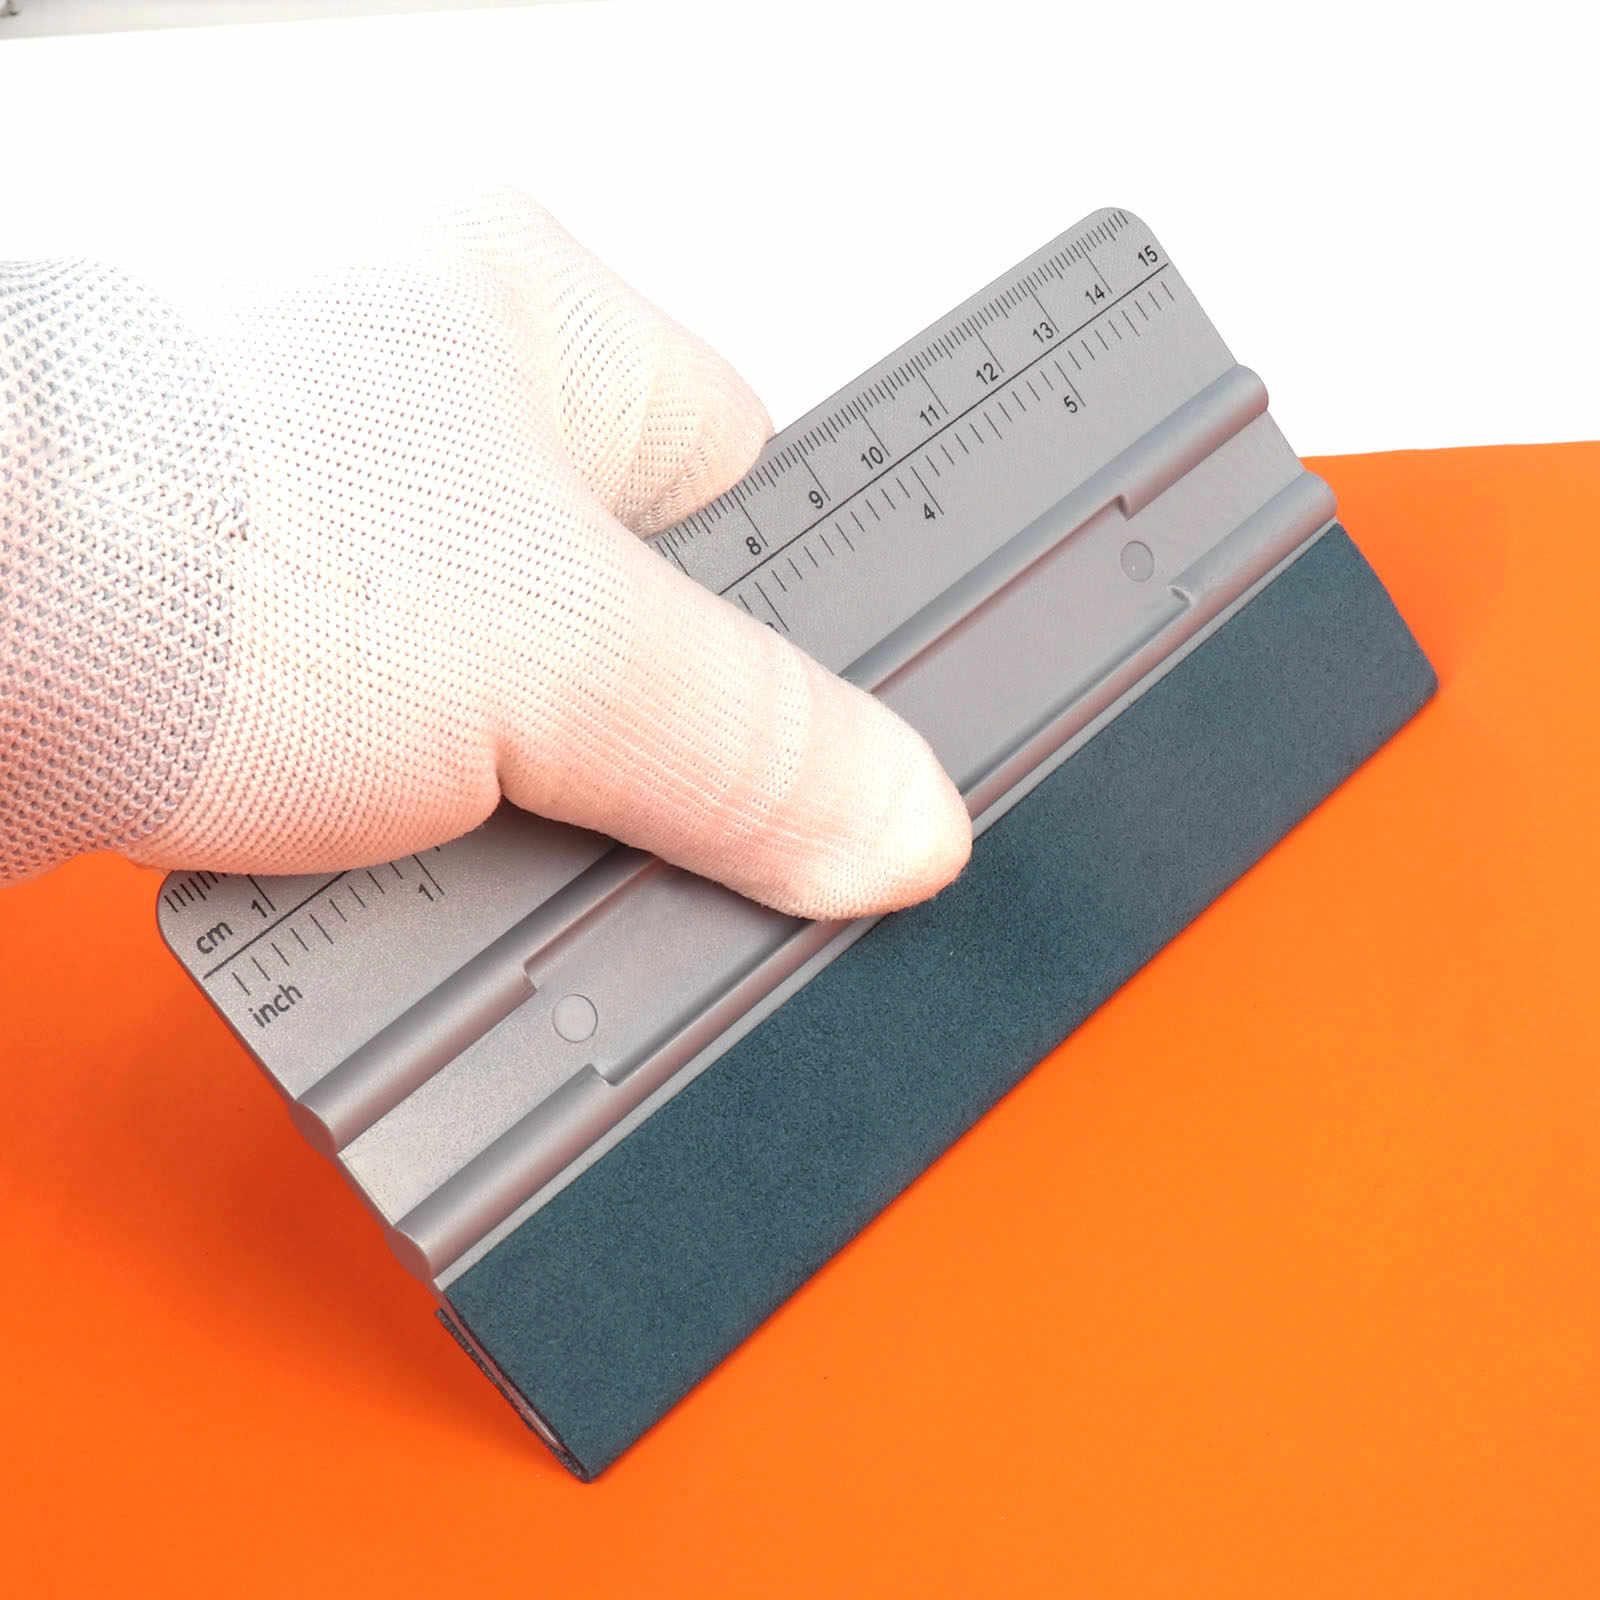 EHDIS ไวนิลรถ Wrap ชุดเครื่องมือฟิล์มห่อรถยนต์แม่เหล็กไม้กวาดคาร์บอนไฟเบอร์ติดตั้งชุดเครื่องมือรถยนต์อุปกรณ์เสริม